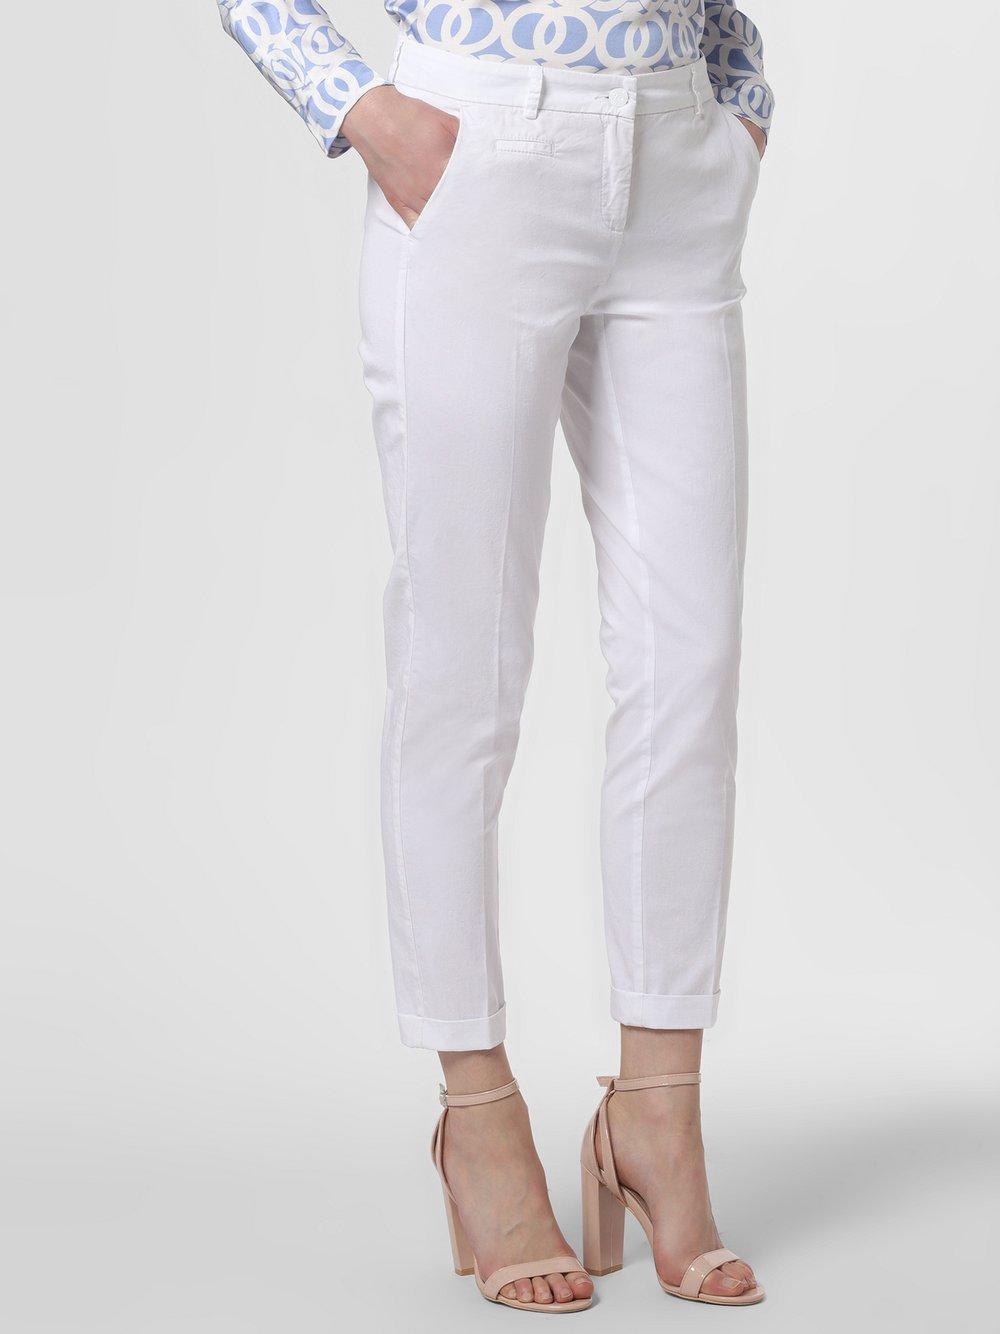 Cambio - Spodnie damskie – Stella, biały